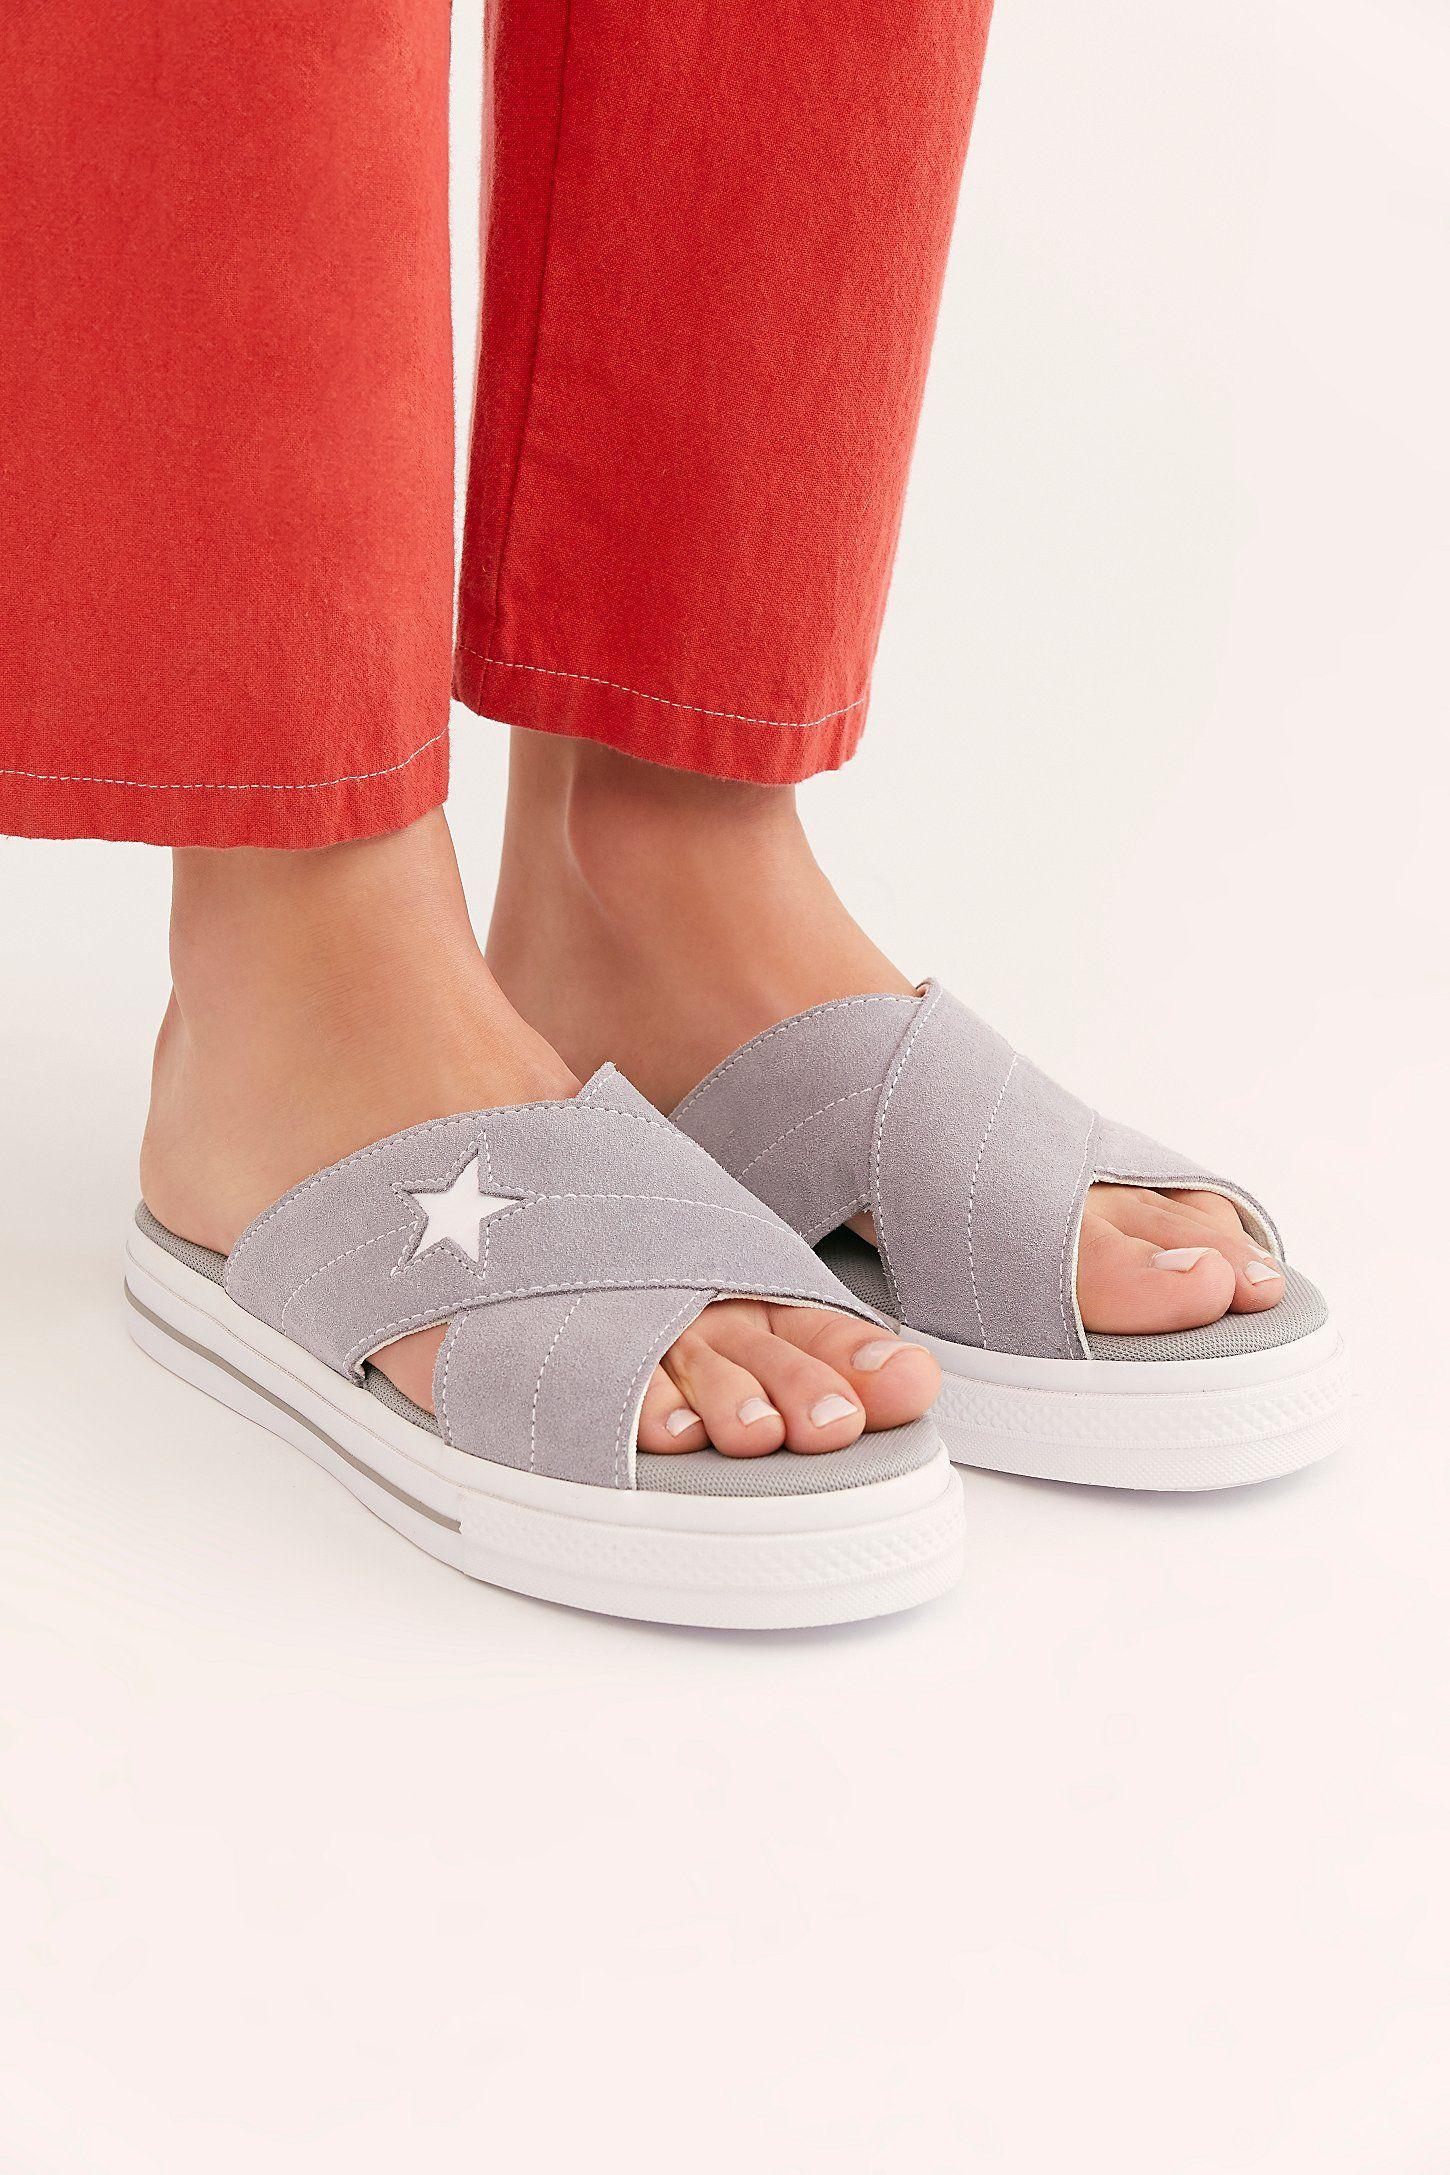 One Star Slip-On Sandals | Slip on